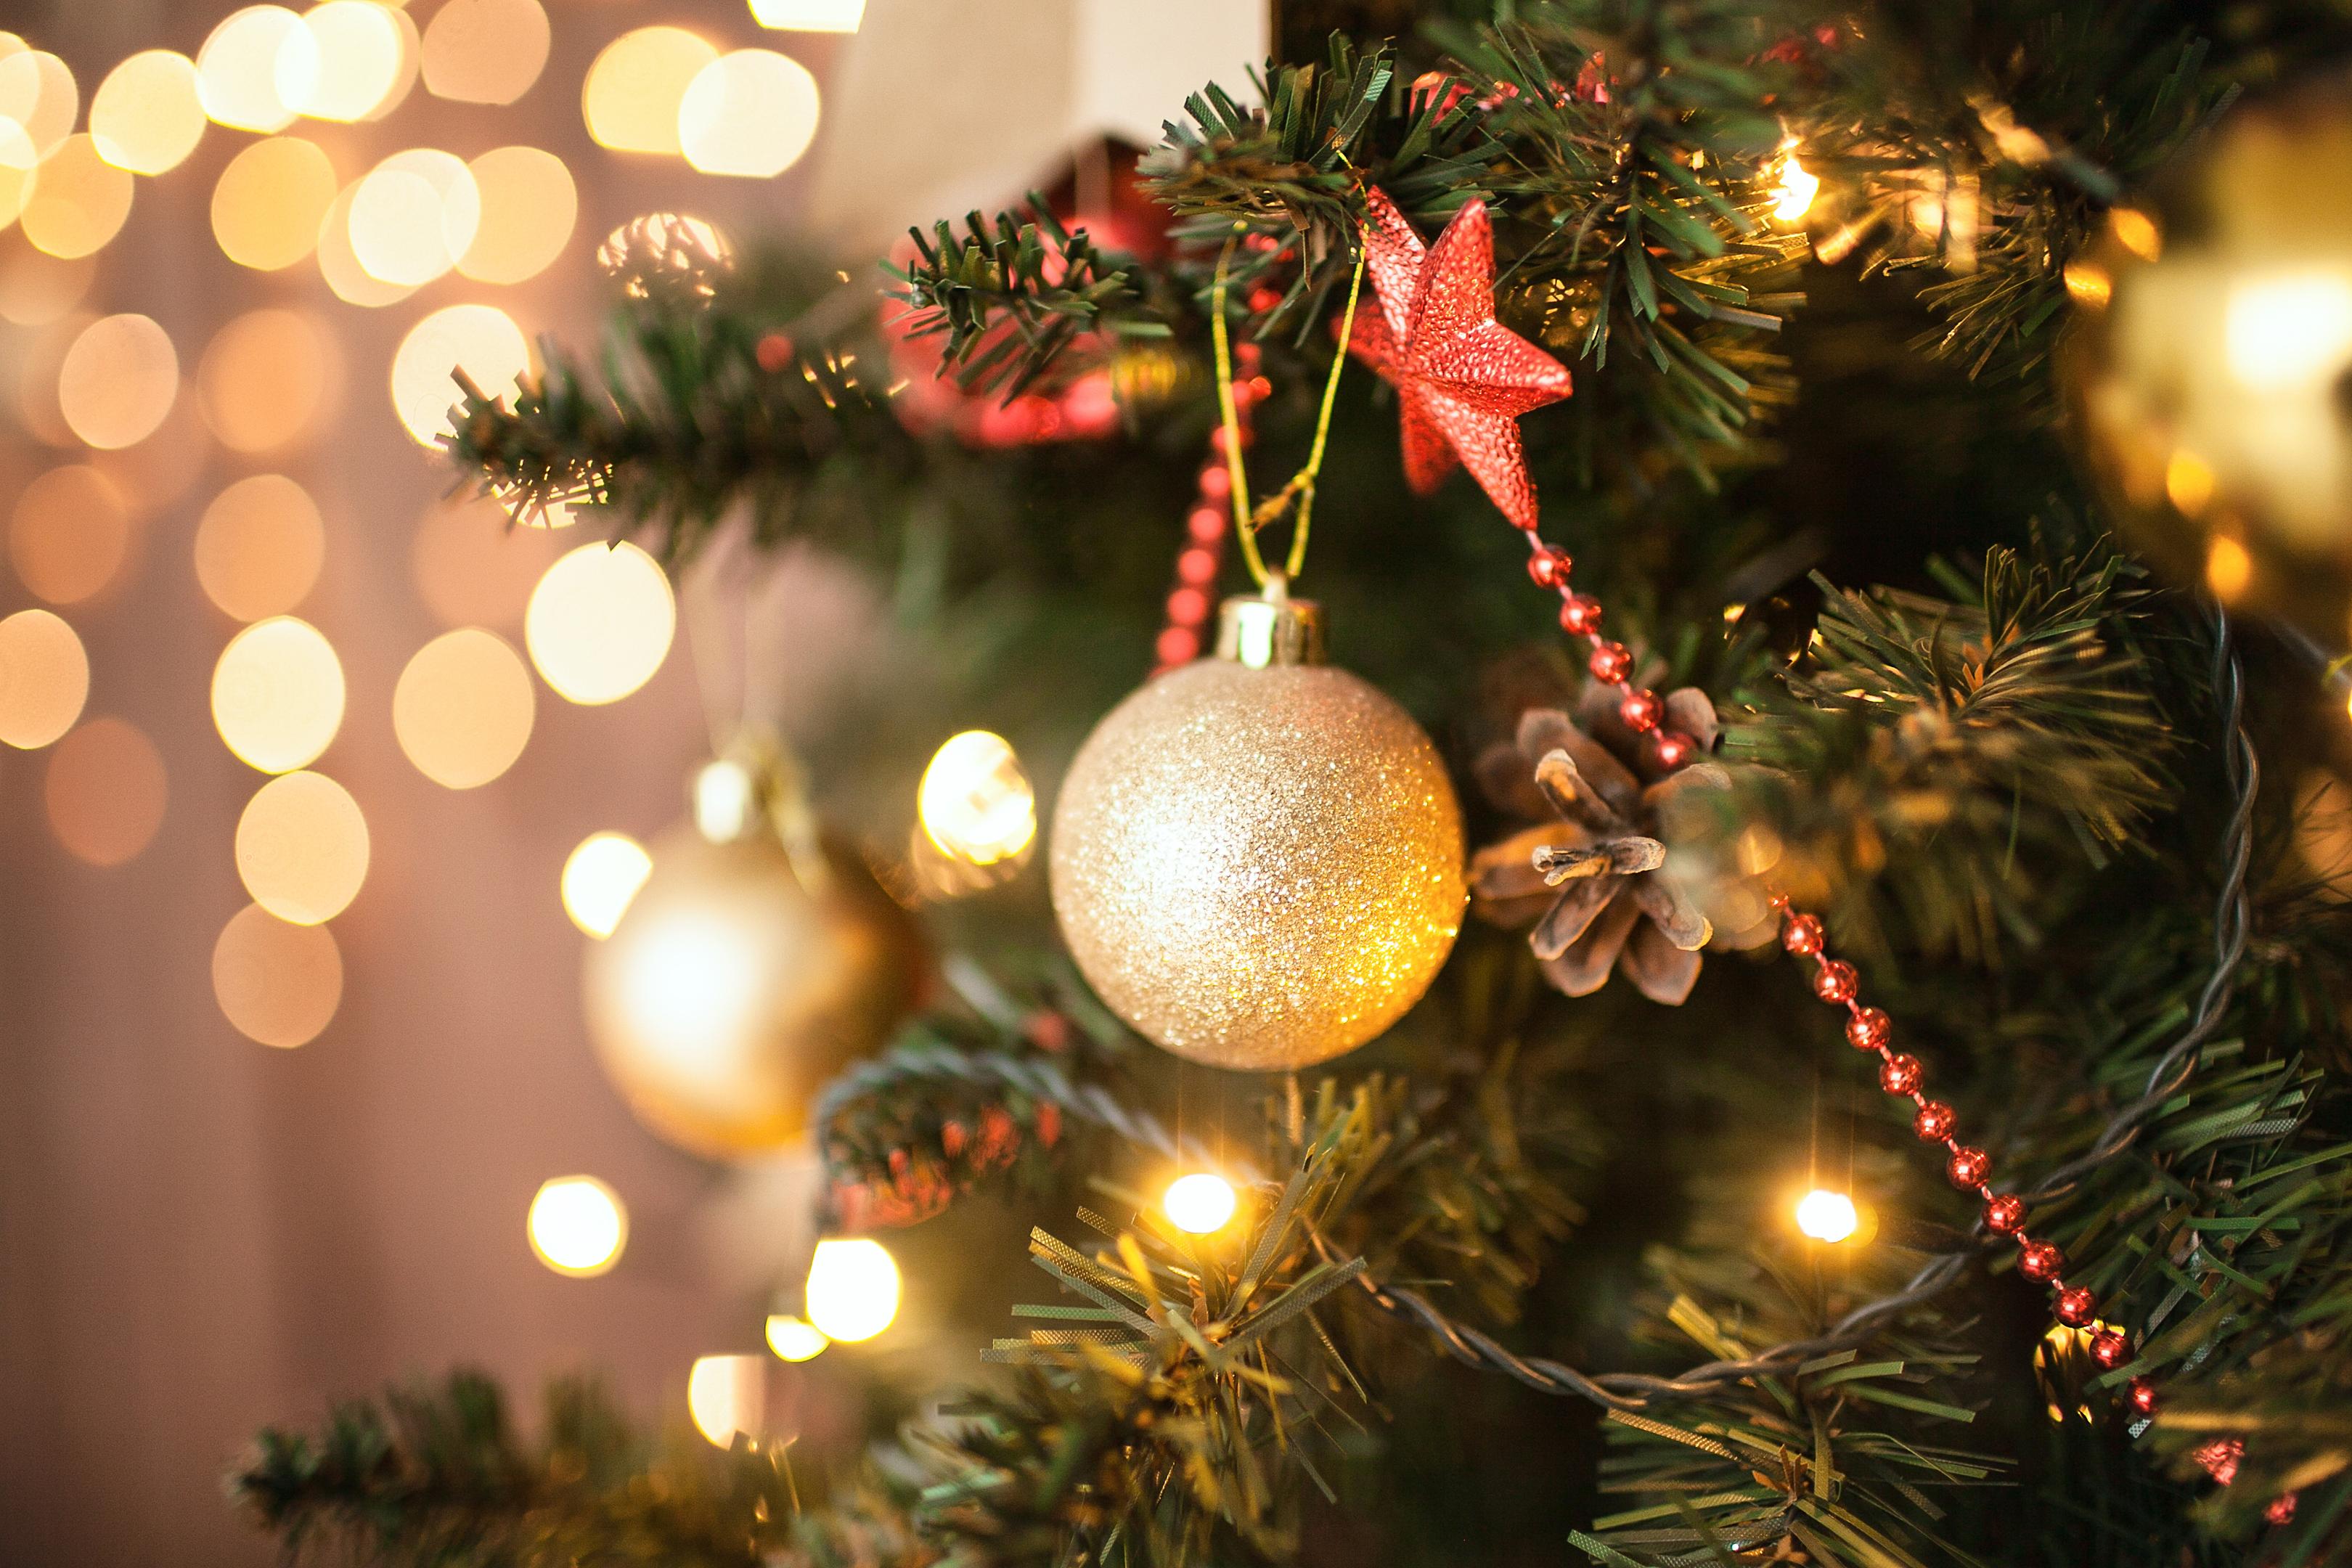 Christmas Trees: Do you buy real or fake? (iStock)